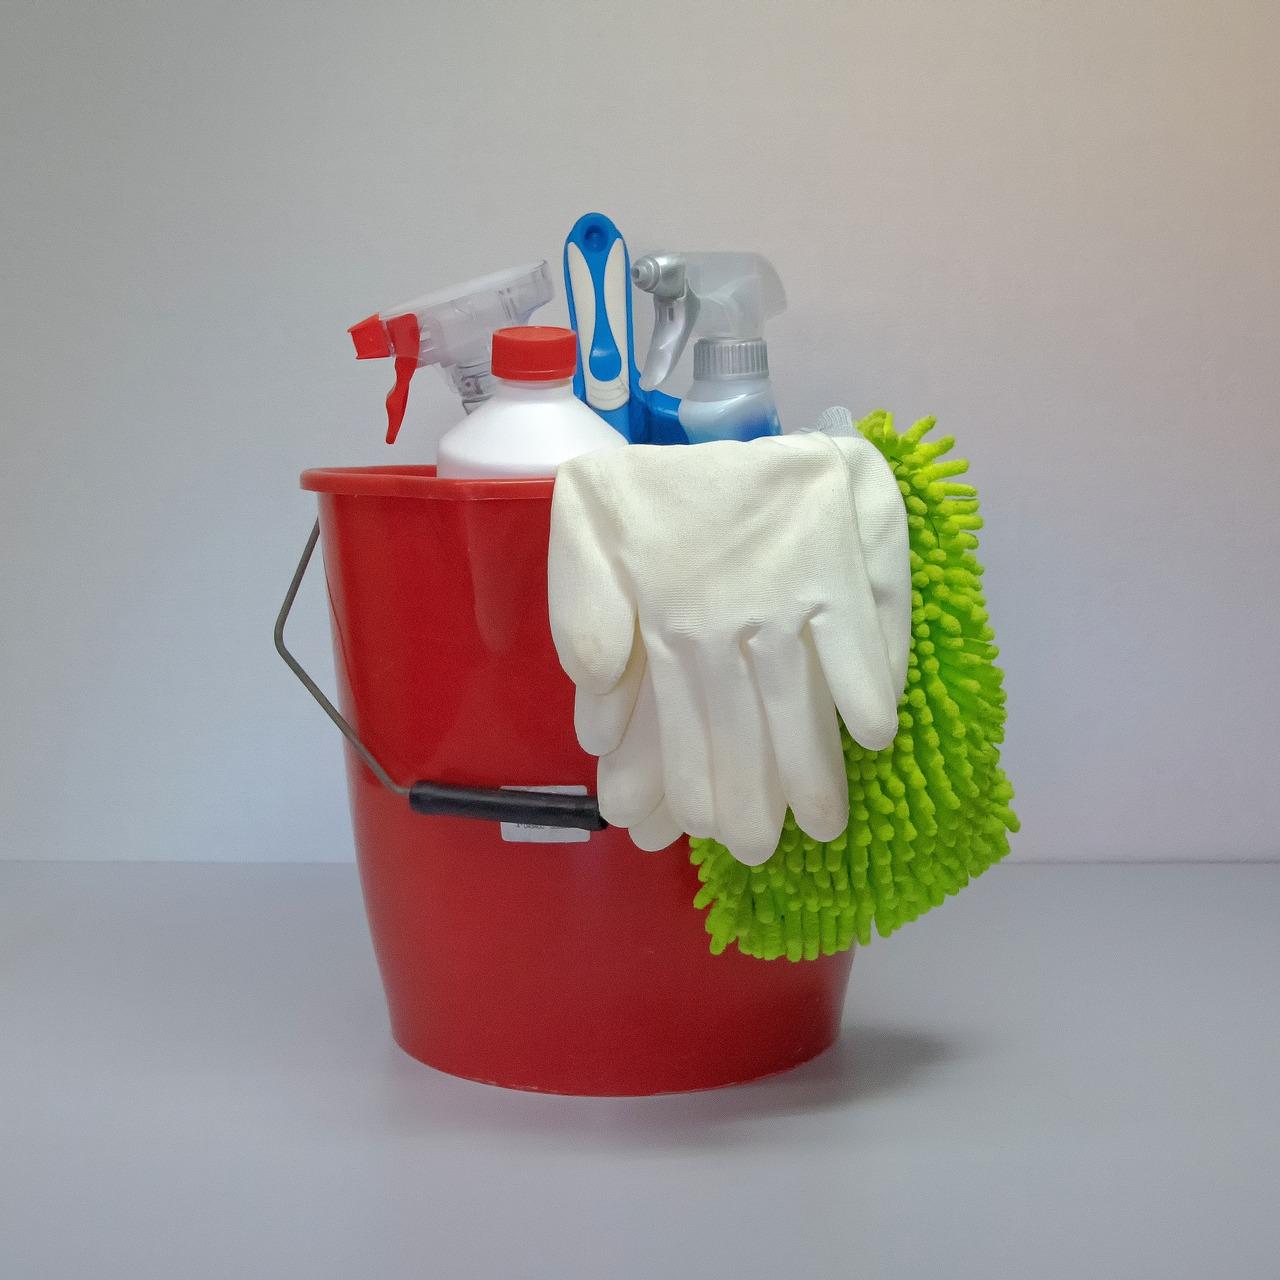 掃除のコツ、一人暮らし編!トイレ、キッチン、部屋別に紹介!モノを捨てると毎日が楽に?